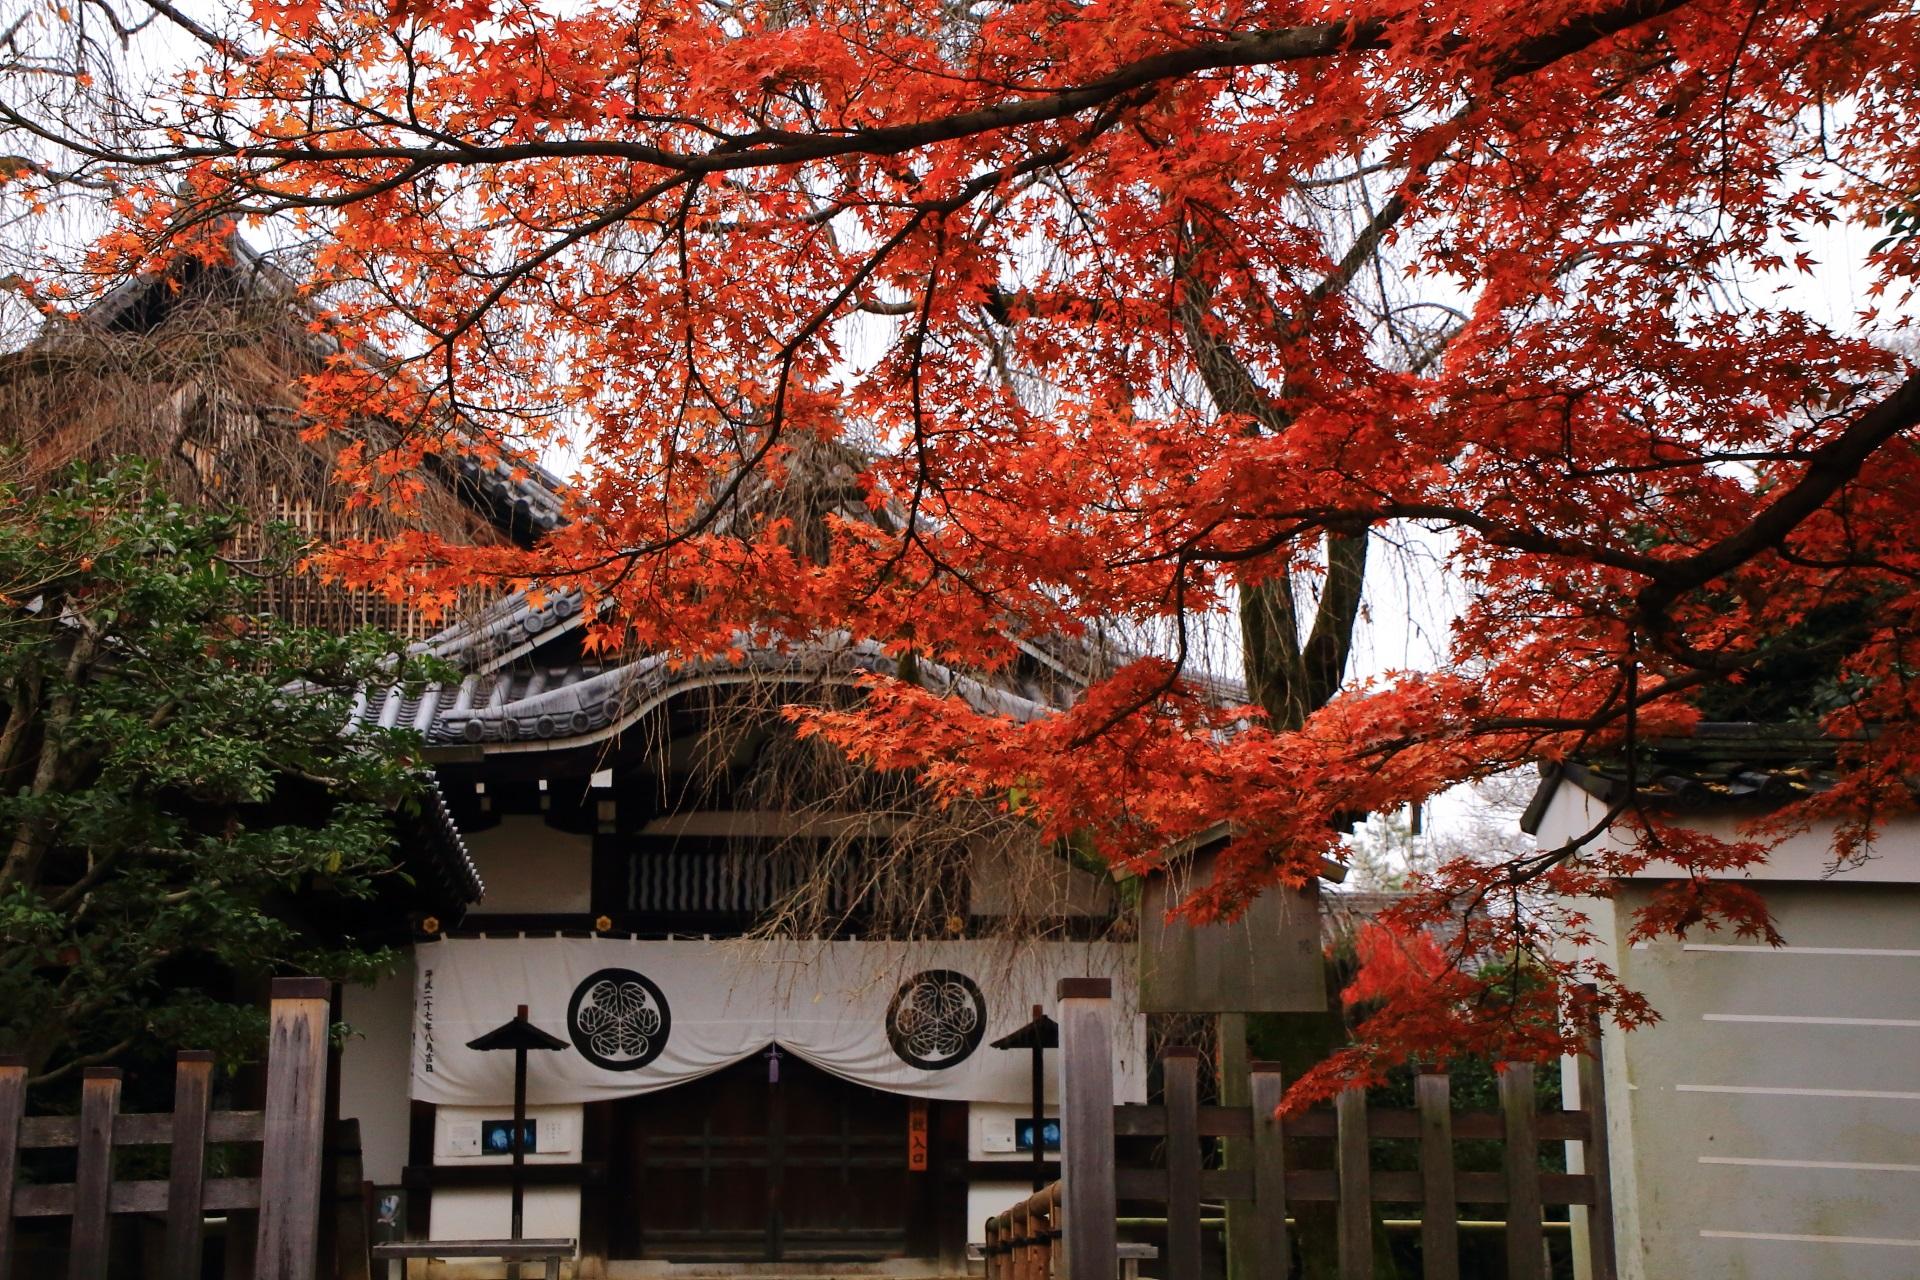 養源院の本堂と寺紋のかかる玄関をつつむ深い秋色の紅葉